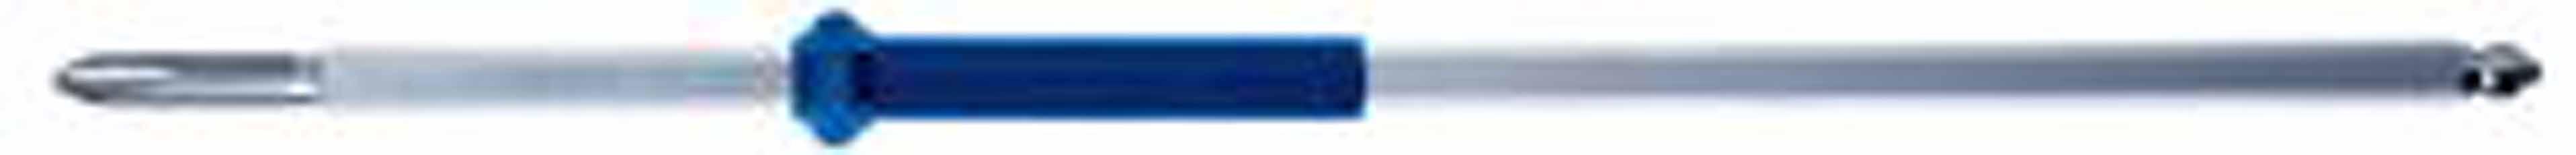 Zeskantstiftsleutel PH0 WIHA 26197